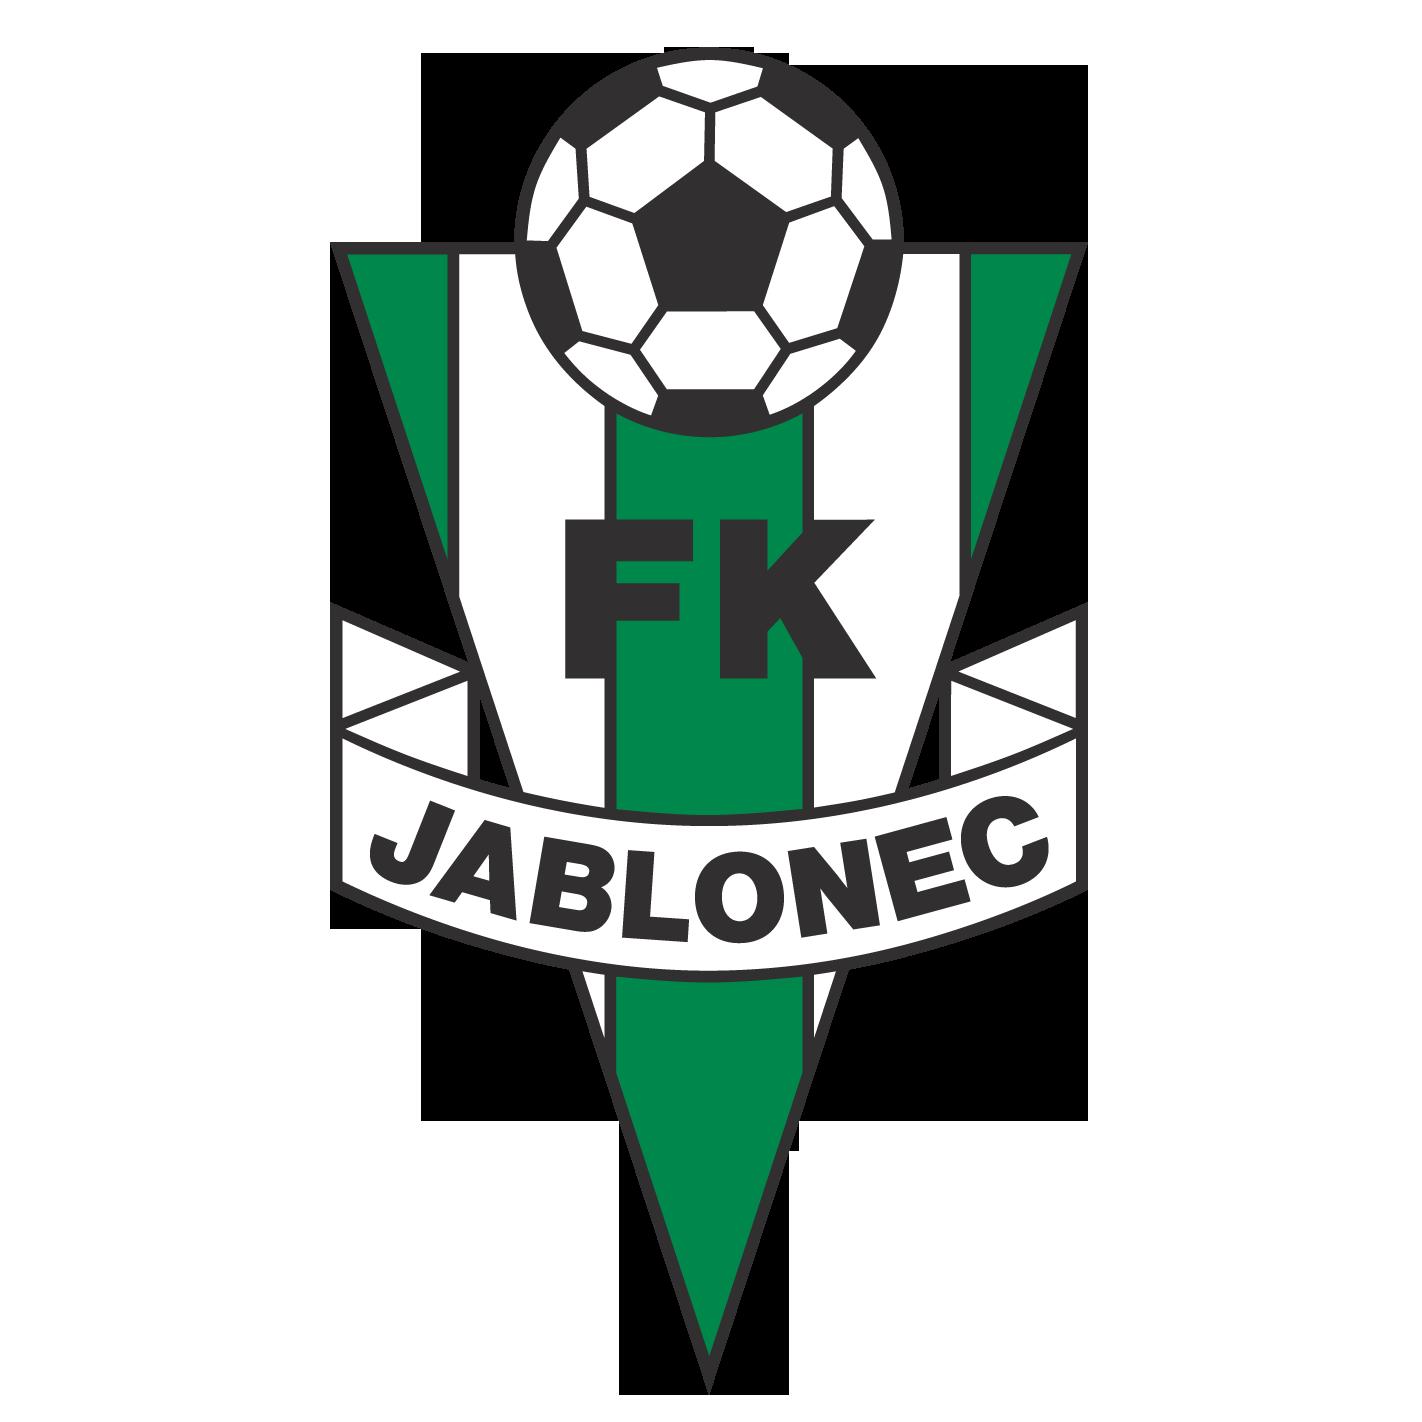 Jablonec-2 logo